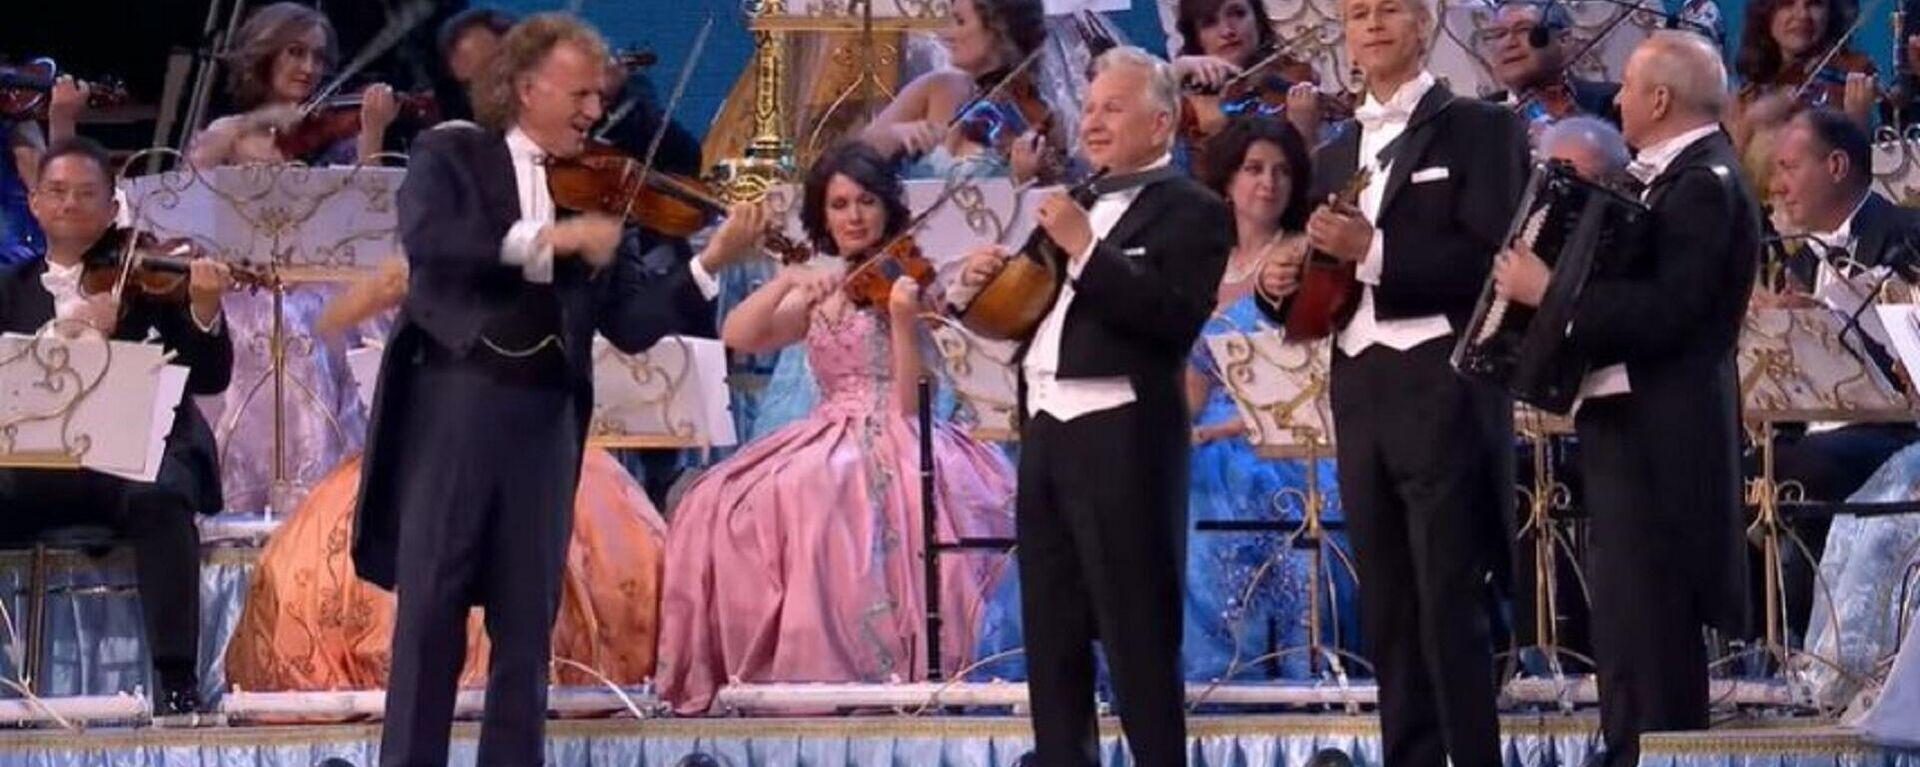 Ο André Léon Marie Nicolas Rieu και η ορχήστρα του παίζουν Θεοδωράκη  - Sputnik Ελλάδα, 1920, 09.09.2021